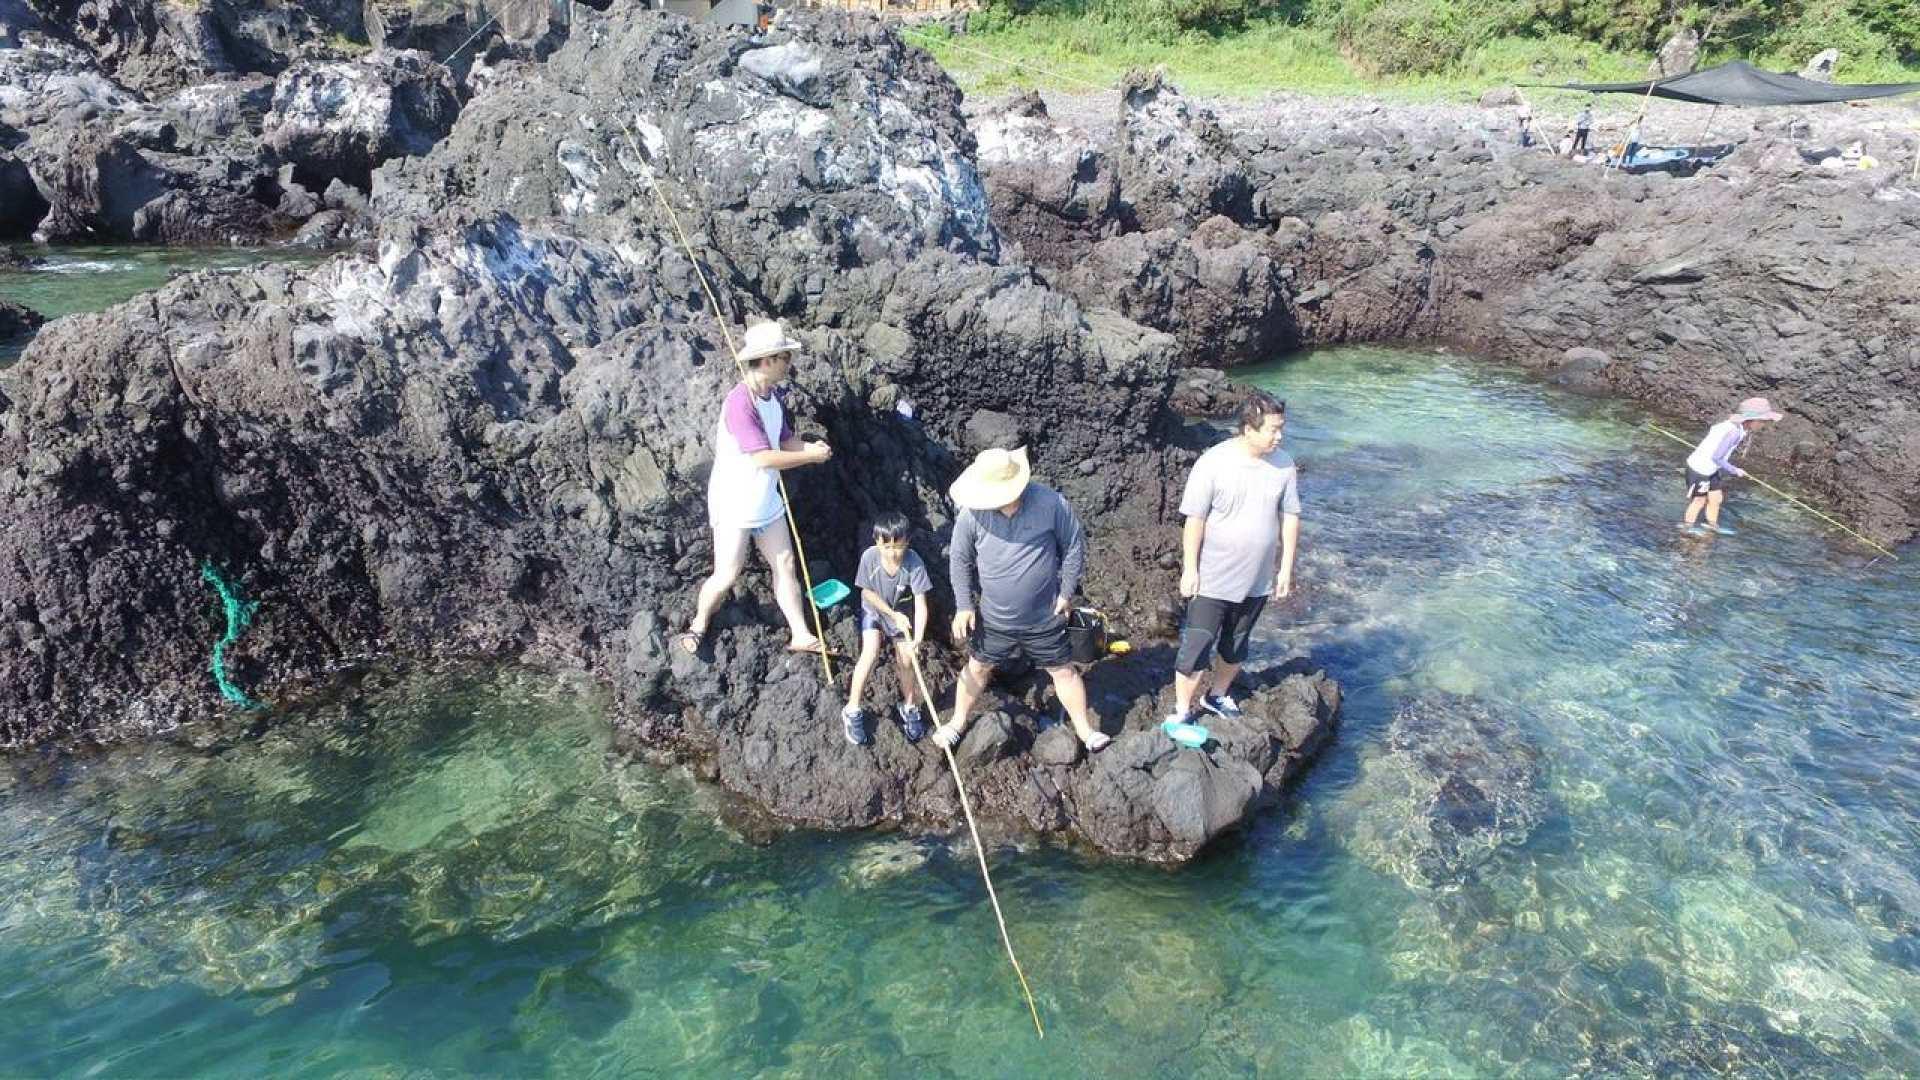 【濟州傳統生活】石縫釣魚+燒烤體驗